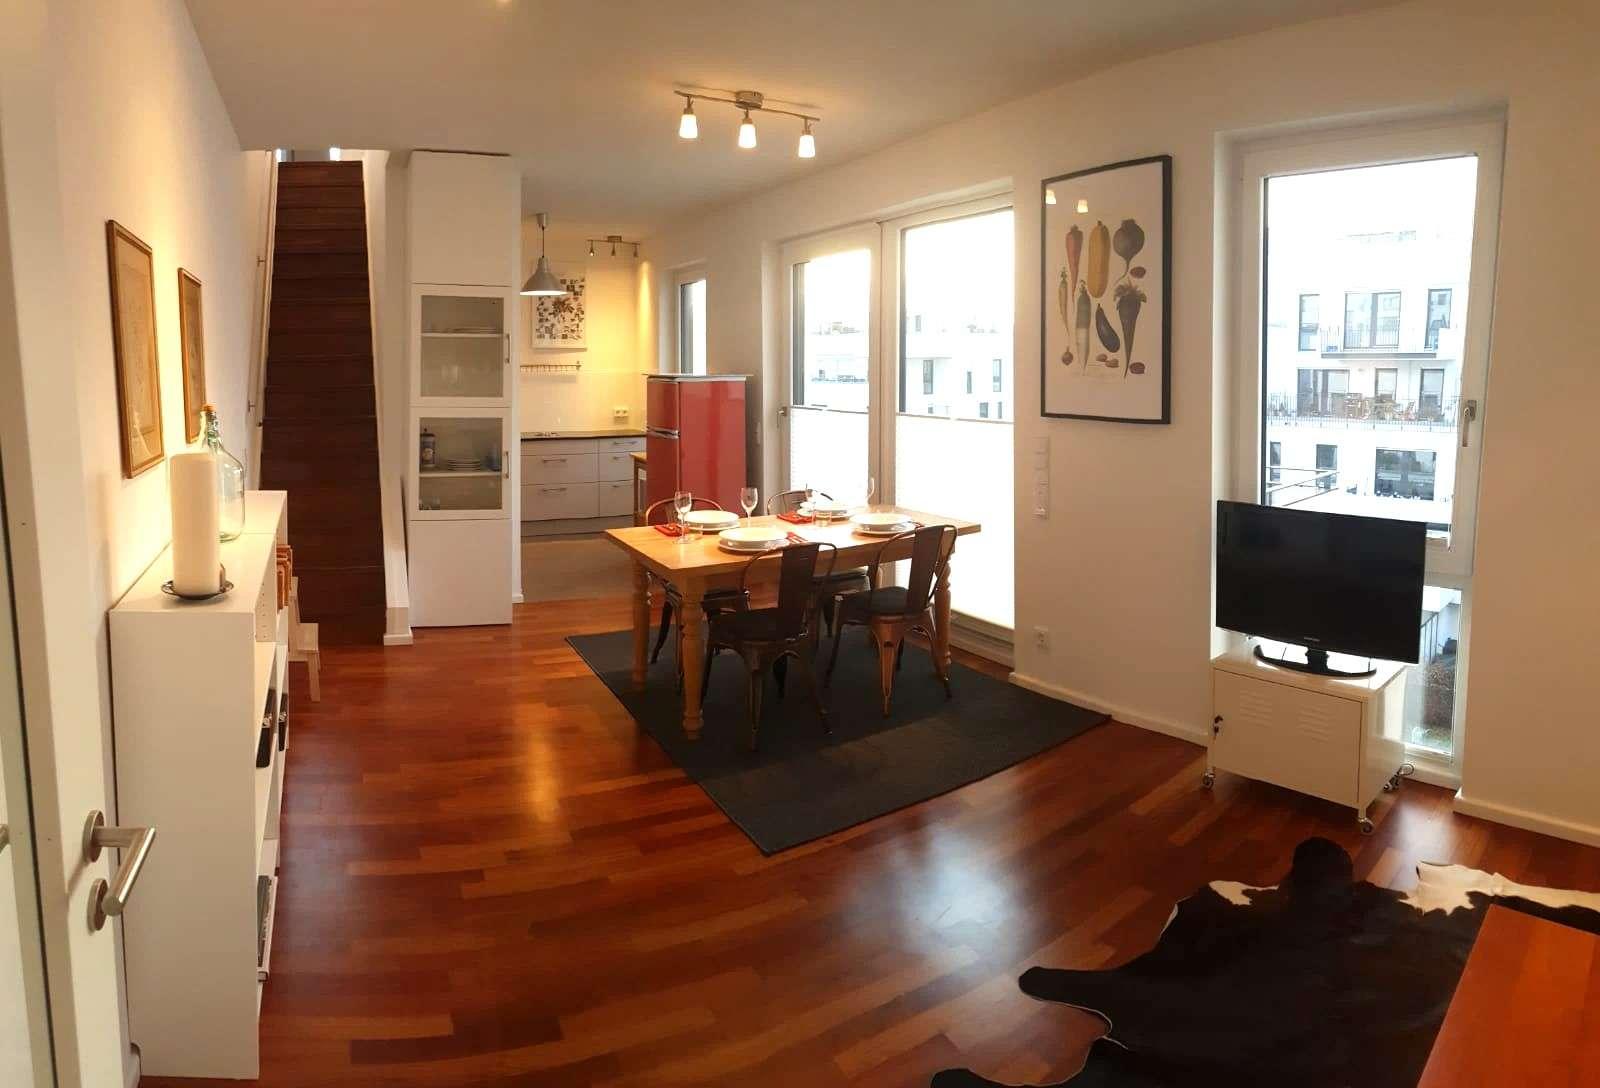 Schöne und geräumige 3 Zimmer Wohnung in Obergiesing mit Dachterasse und Einzelstellplatz in Obergiesing (München)